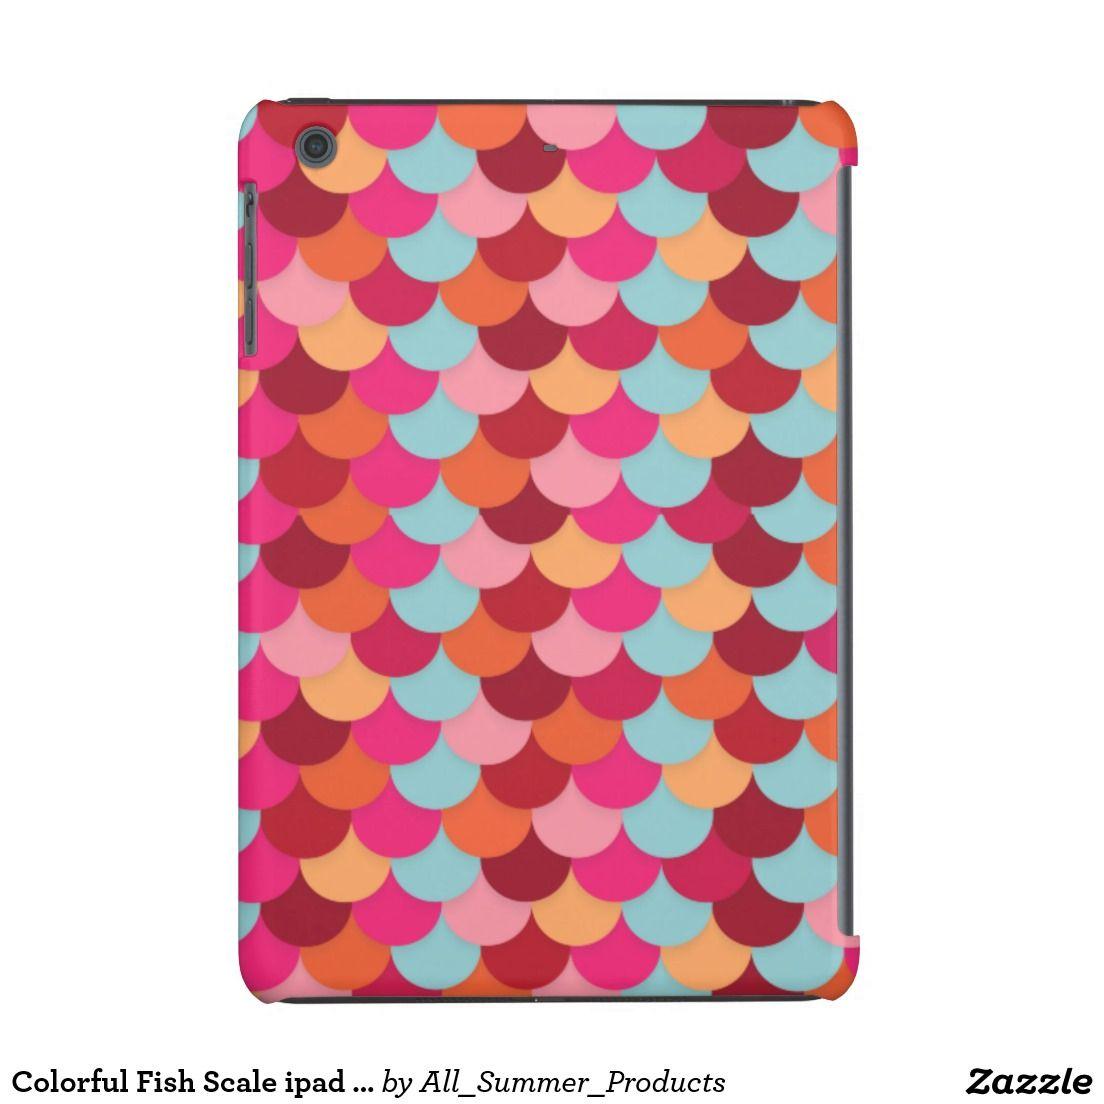 Colorful Fish Scale ipad Mini Cases | Colorful fish, Ipad mini cases ...